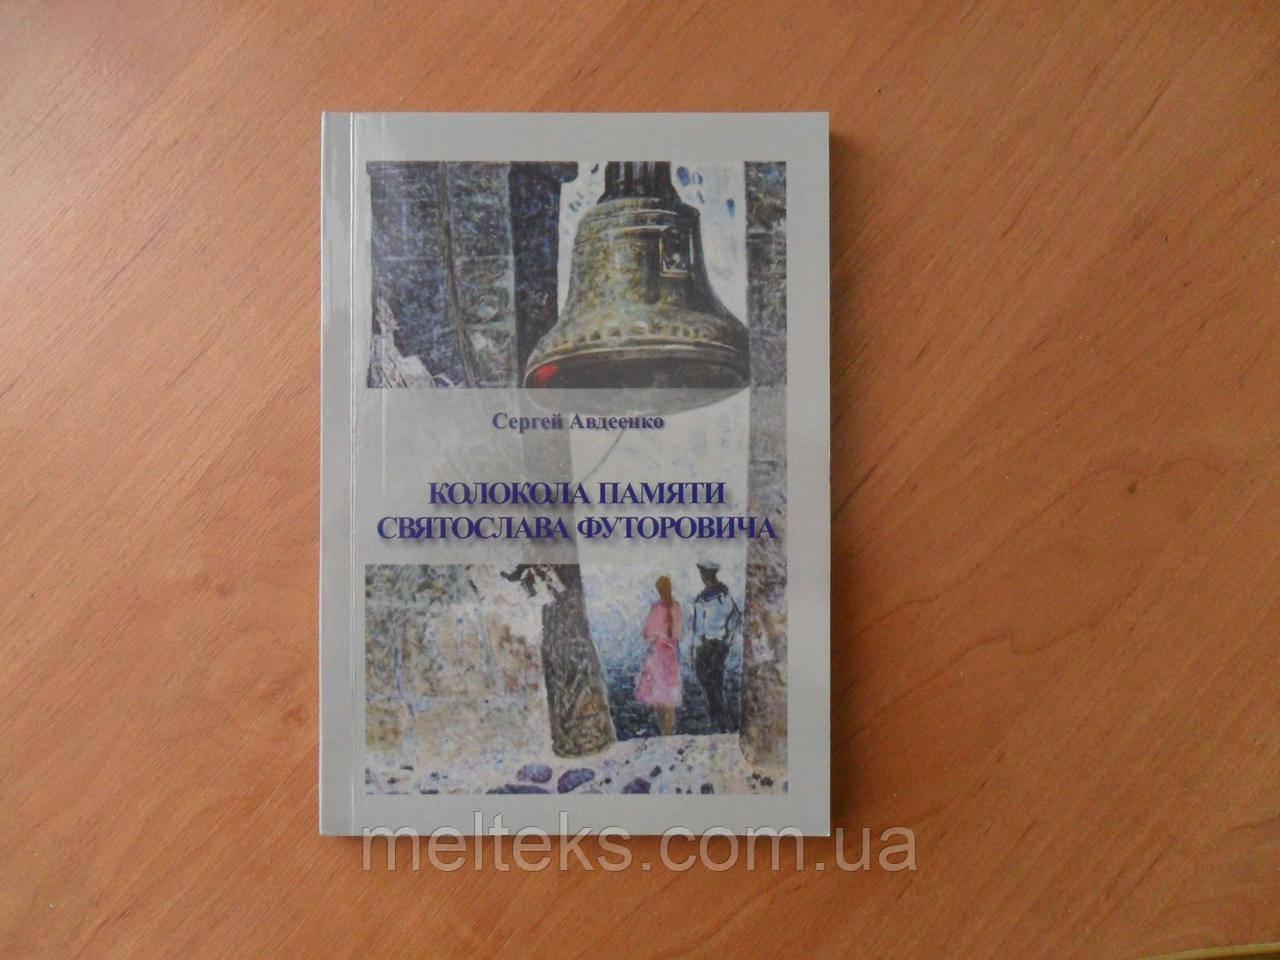 Колокола памяти Святослава Футоровича (книга Сергея Авдеенко)